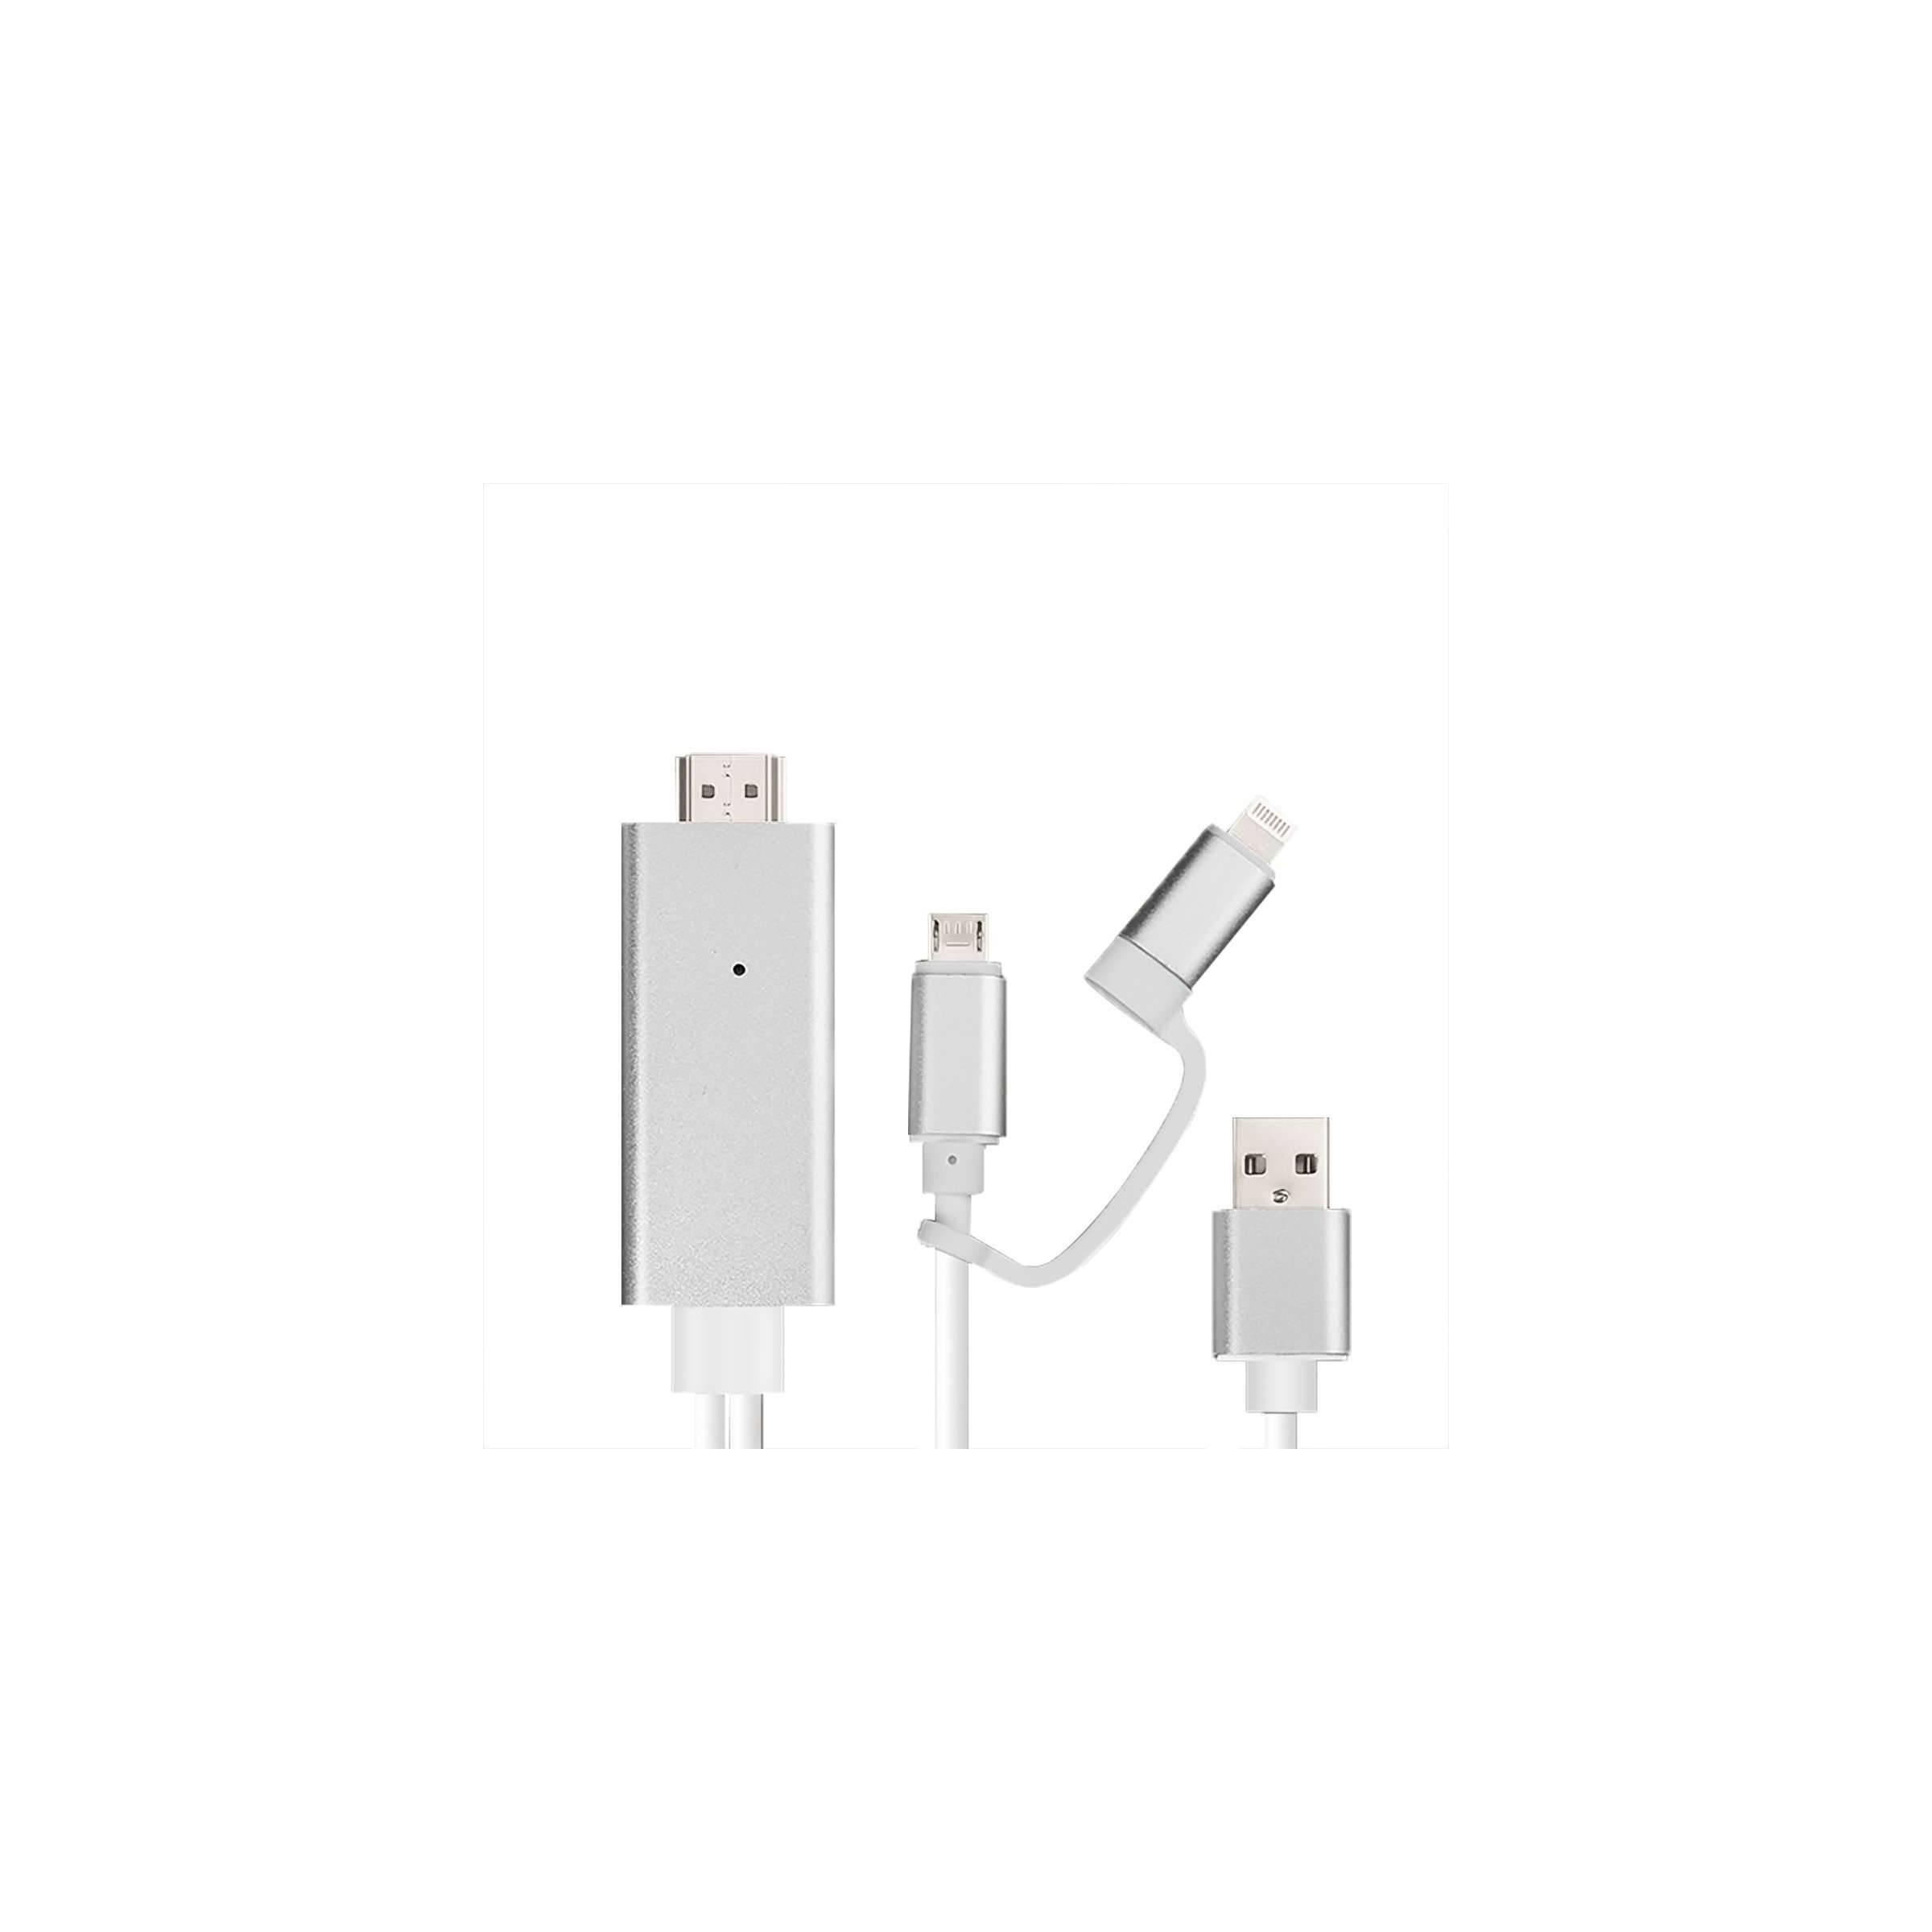 connectech by sinox – Connectech lightning/micro usb til hdmi adapter på mackabler.dk